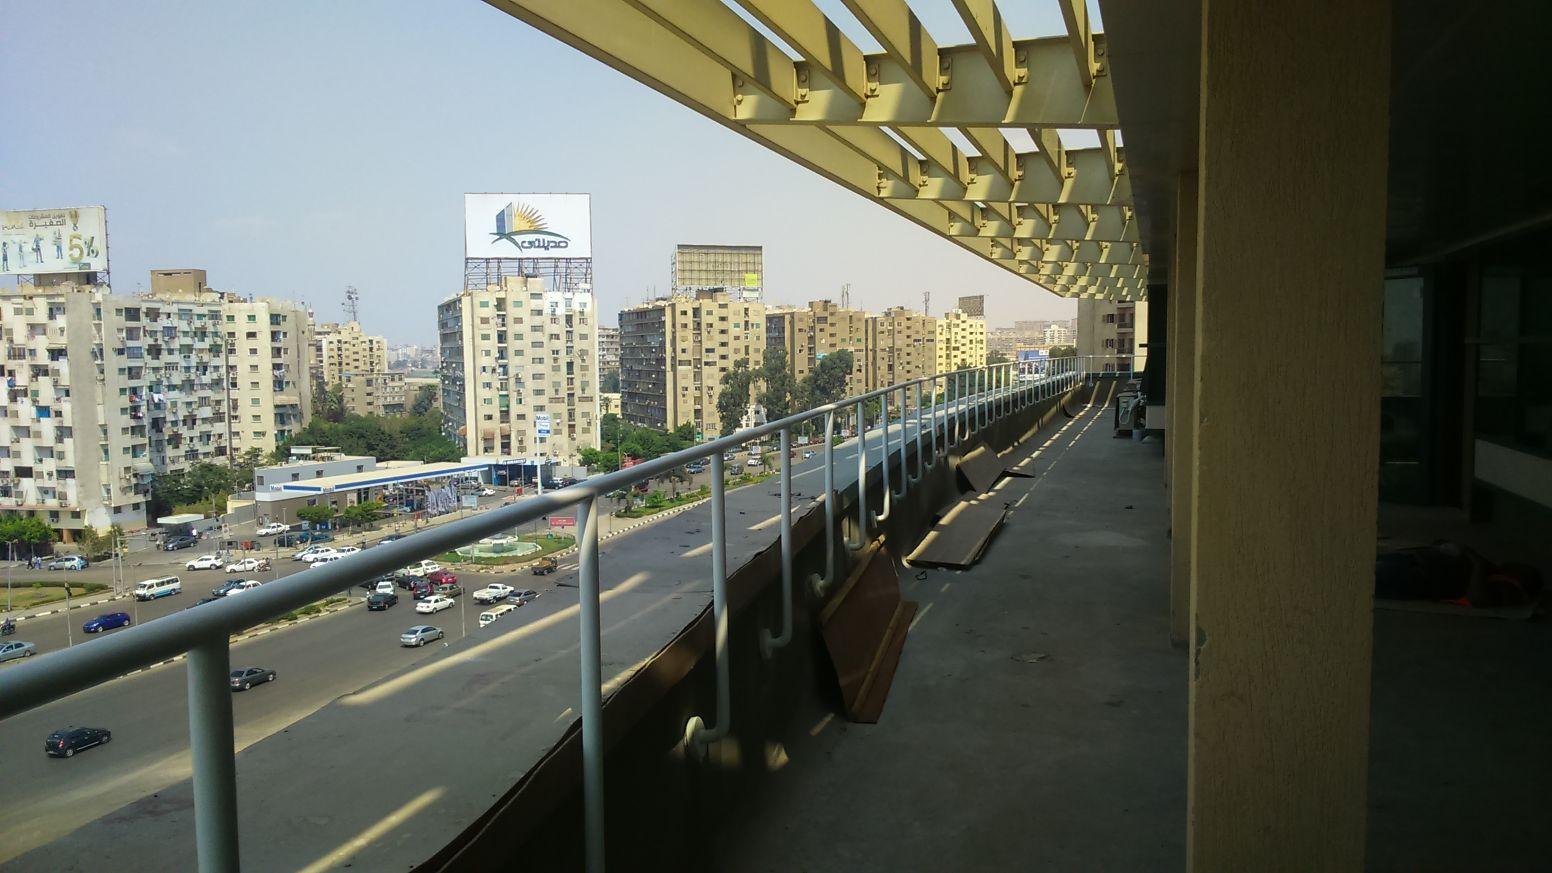 Dar l foad hospital project (4)